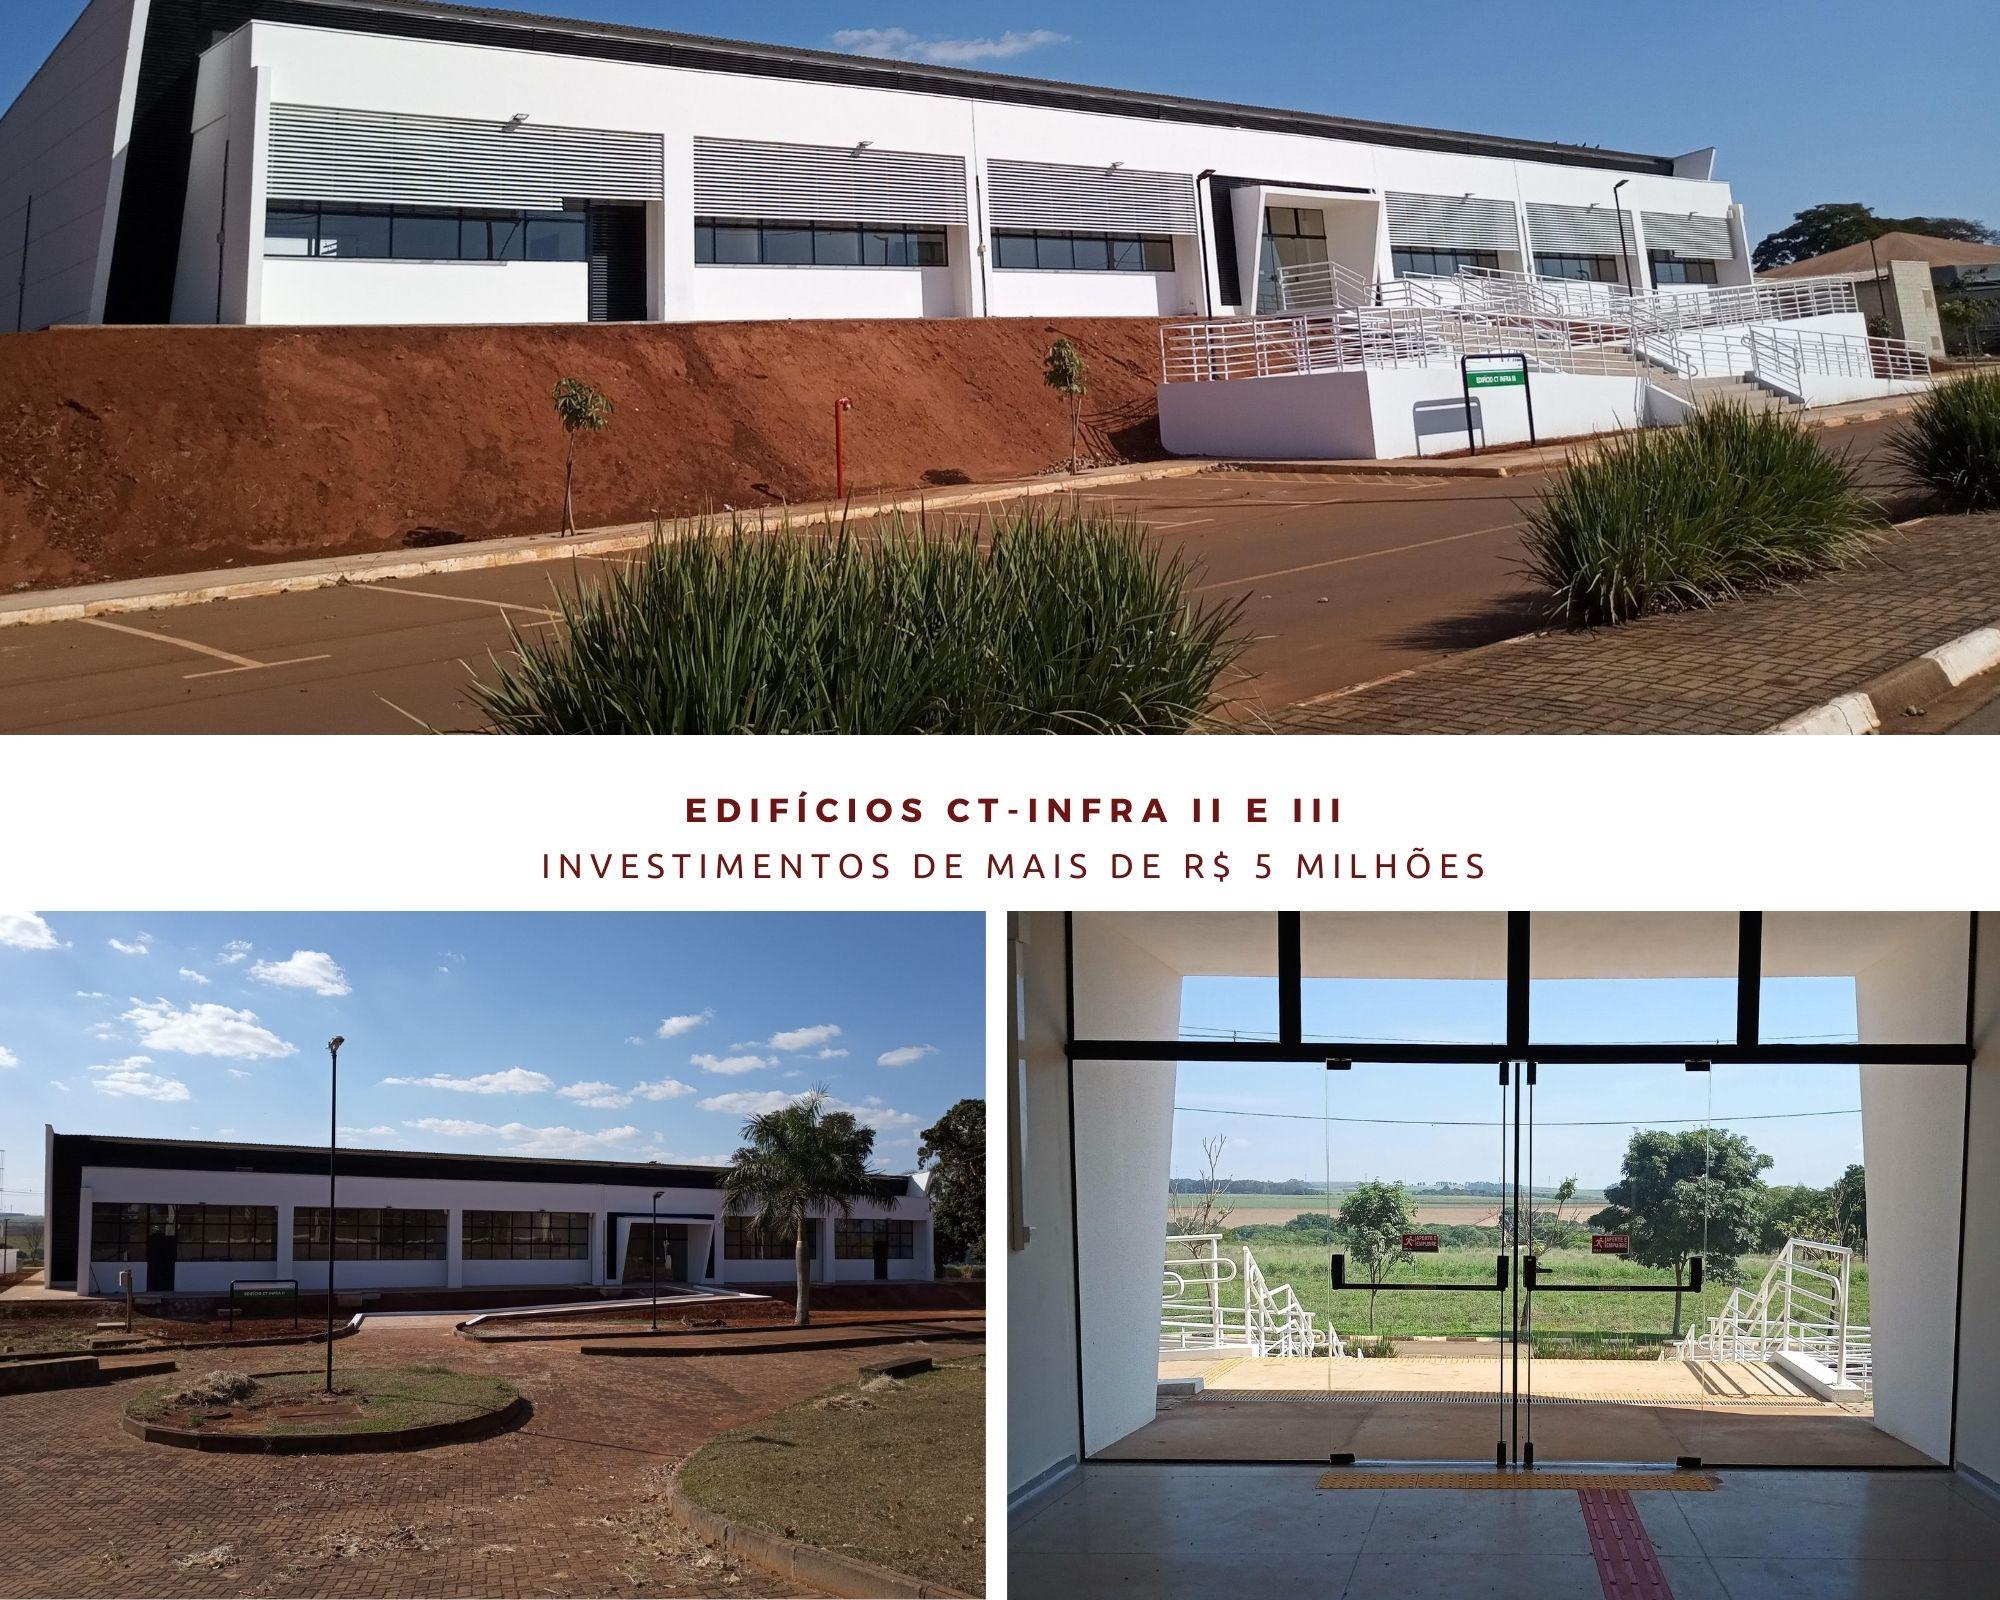 Novos prédios no Campus Araras